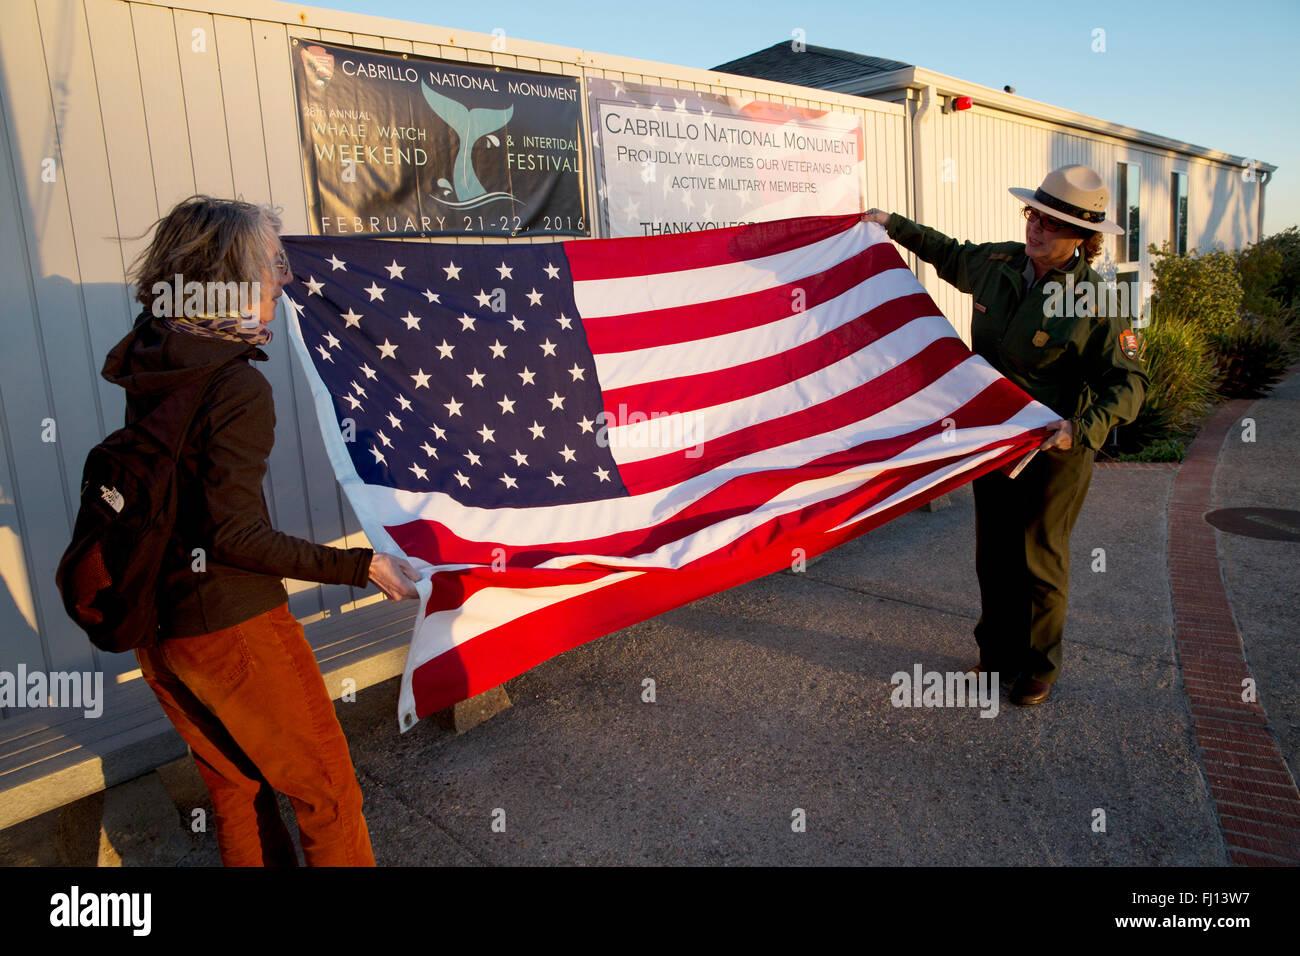 Parkranger und Besucher Faltung der Flagge, Cabrillo National Monument, San Diego, Kalifornien USA Stockbild